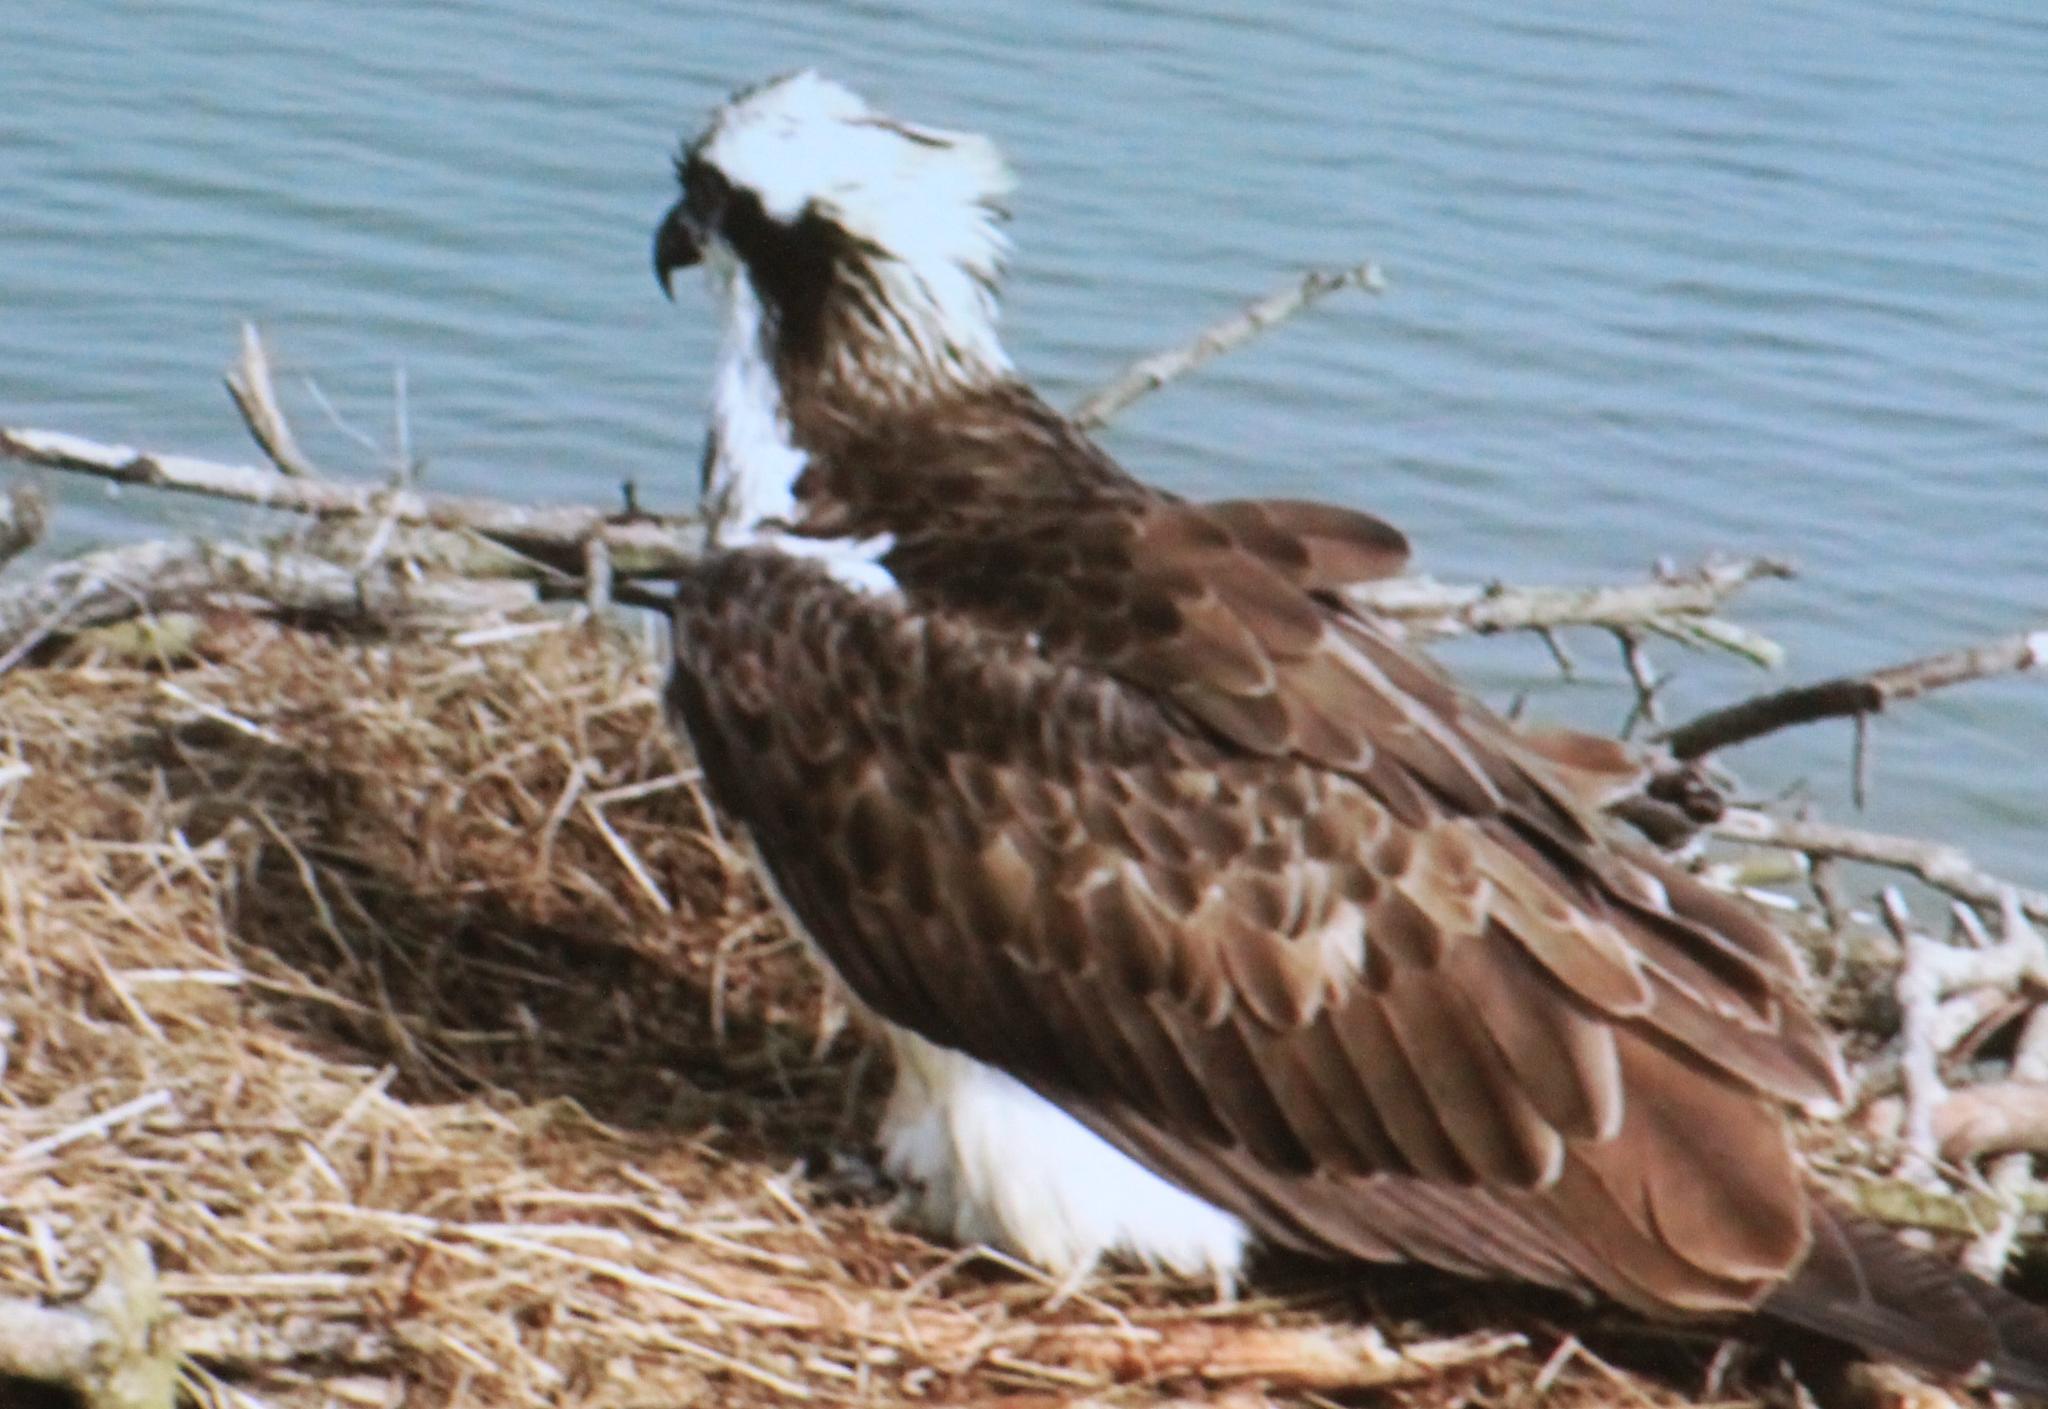 Nesting Osprey  by Rhyd_iculous